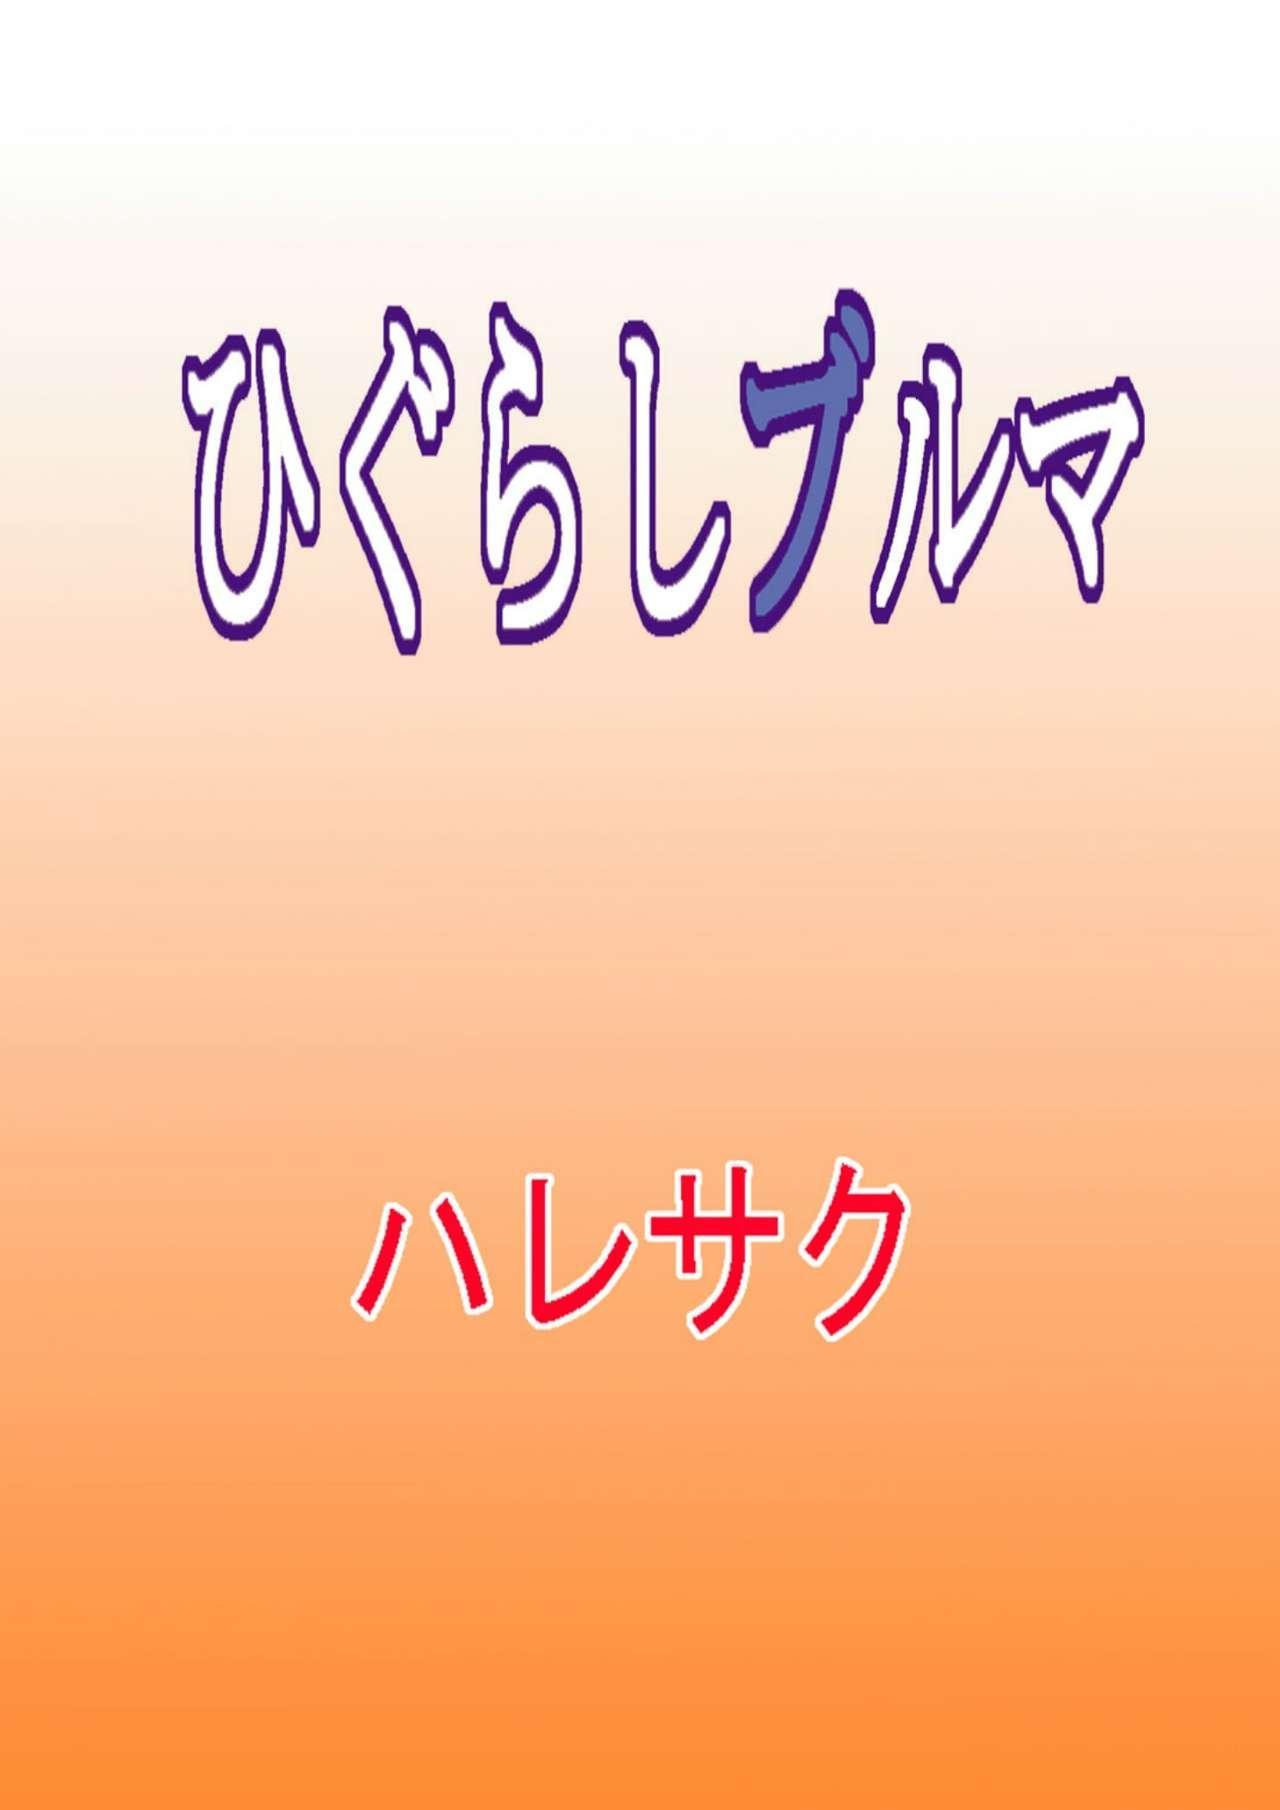 Higurashi Bloomer 27